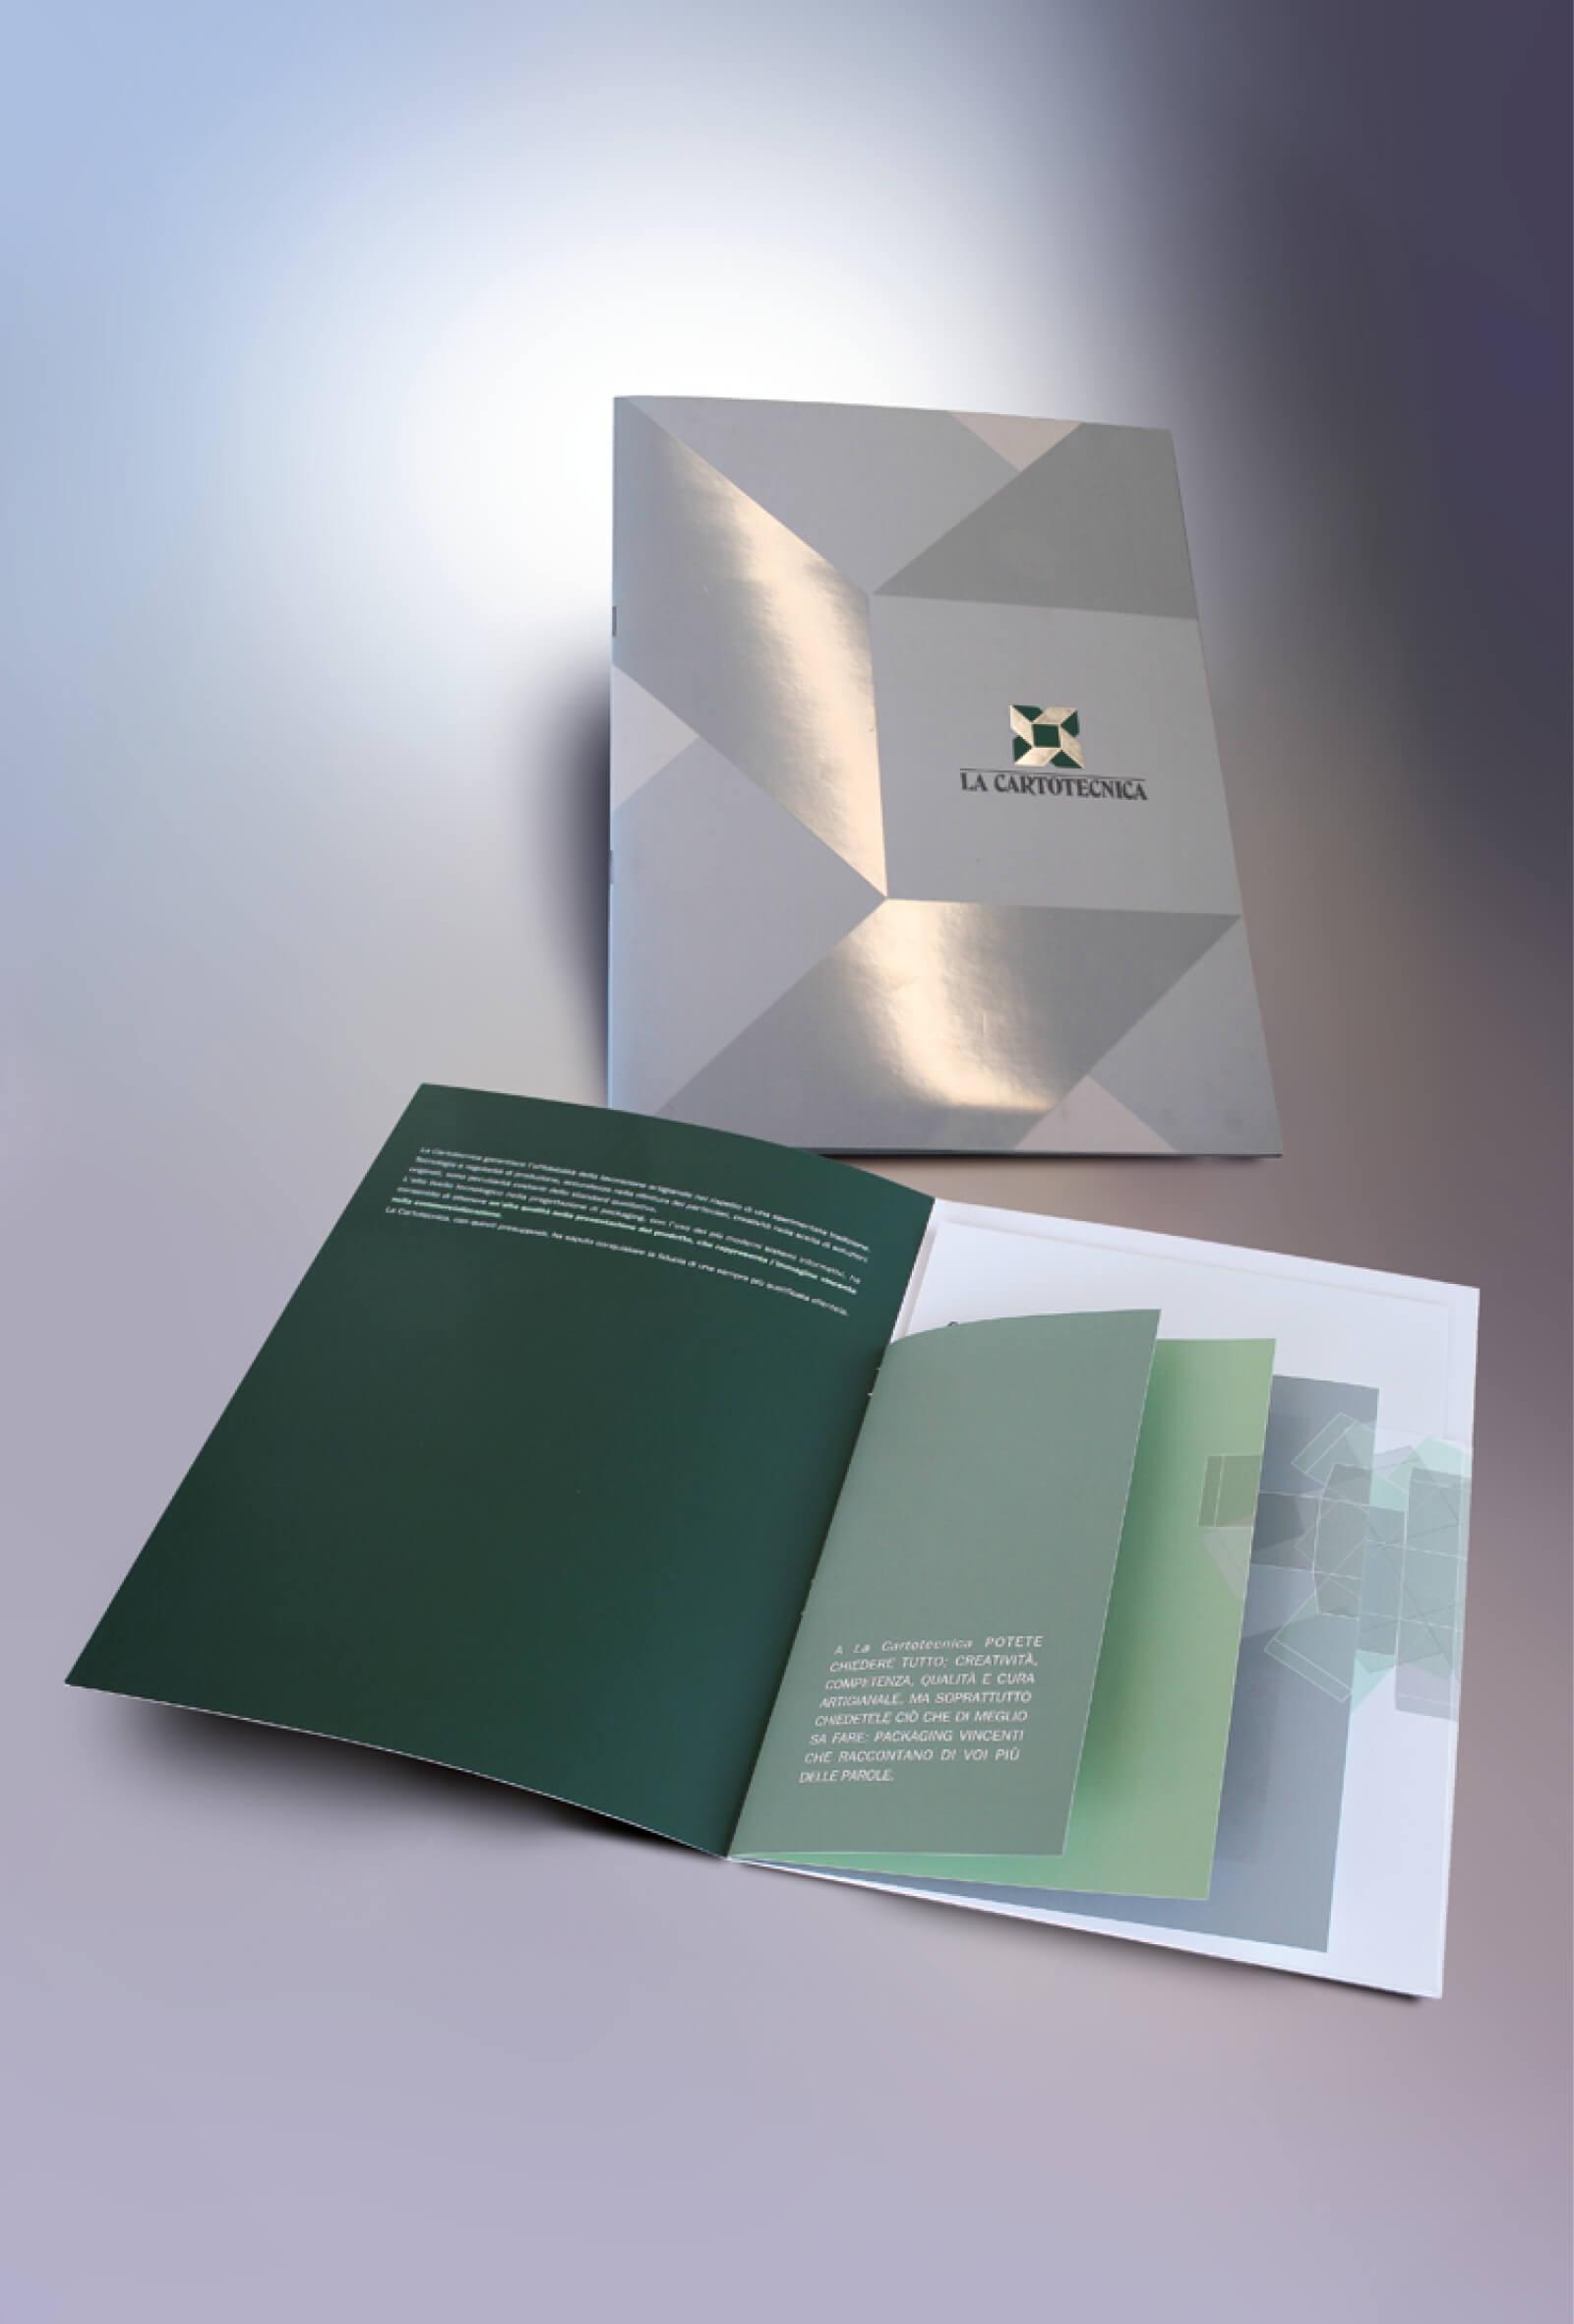 copertina e pagine interne creative stampate su cartoncini diversi, create per La Cartotecnica dalla agenzia Diadestudio di arco trento